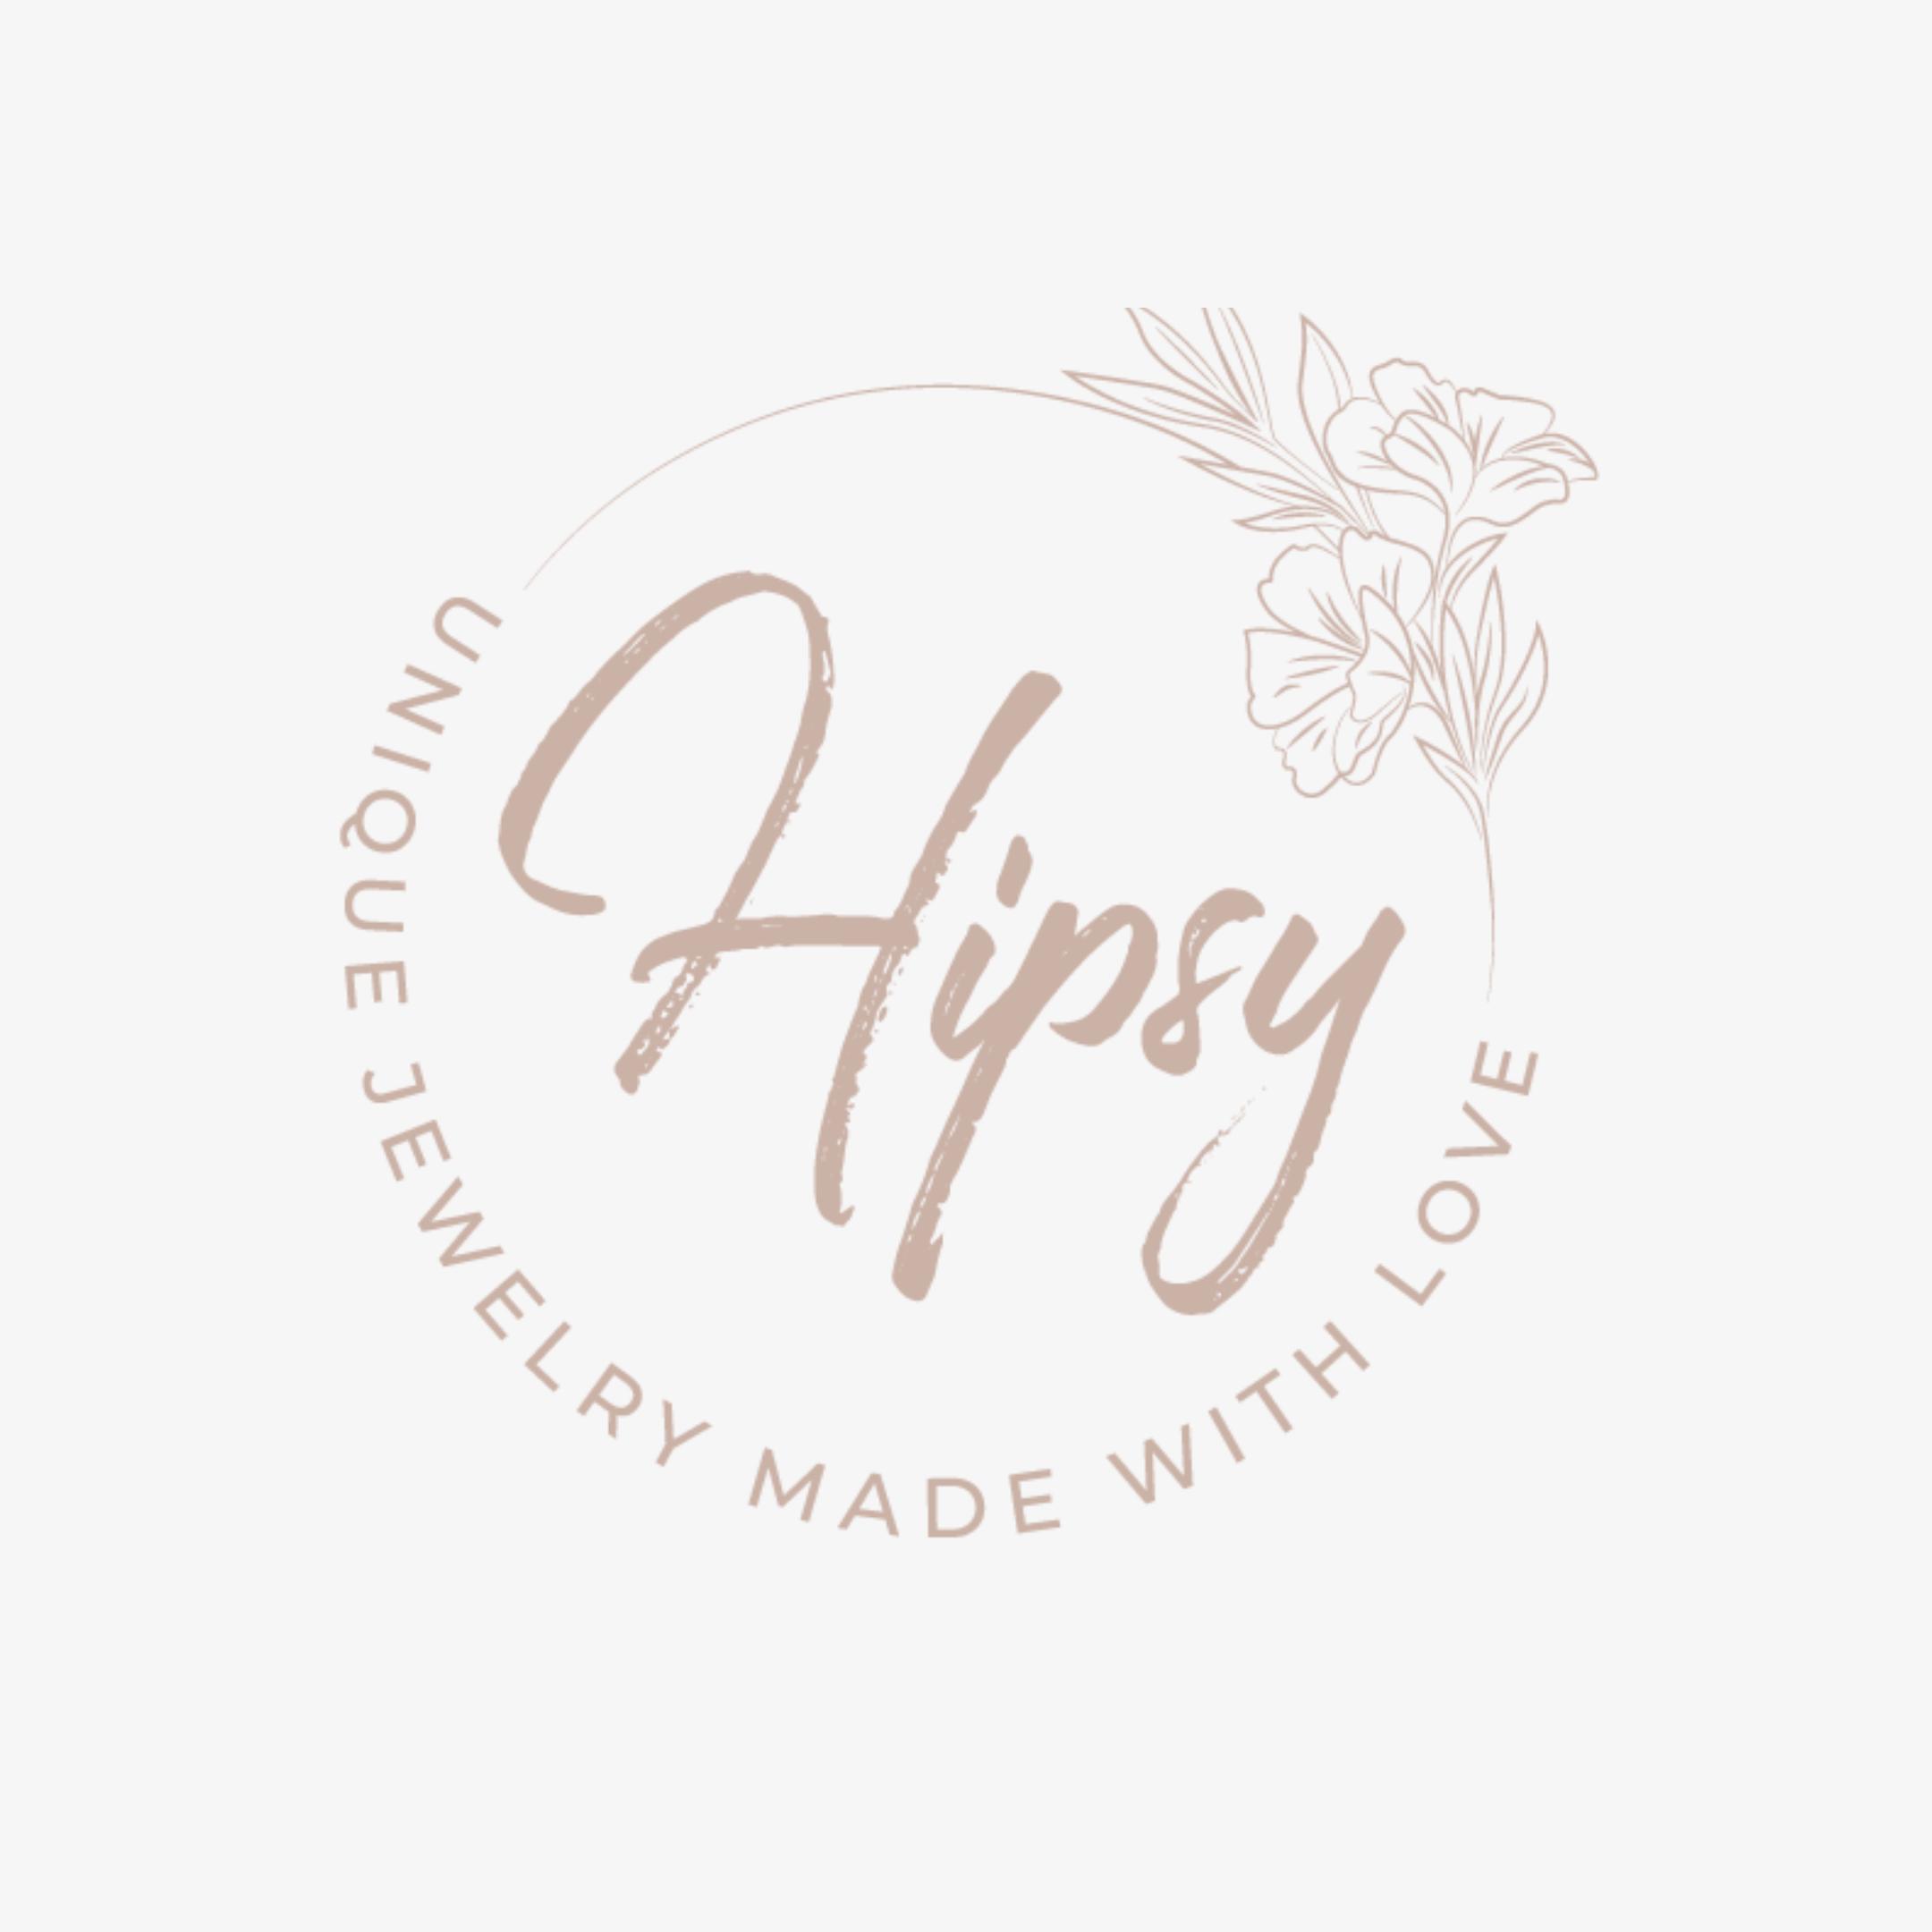 Création du logo - Hipsy